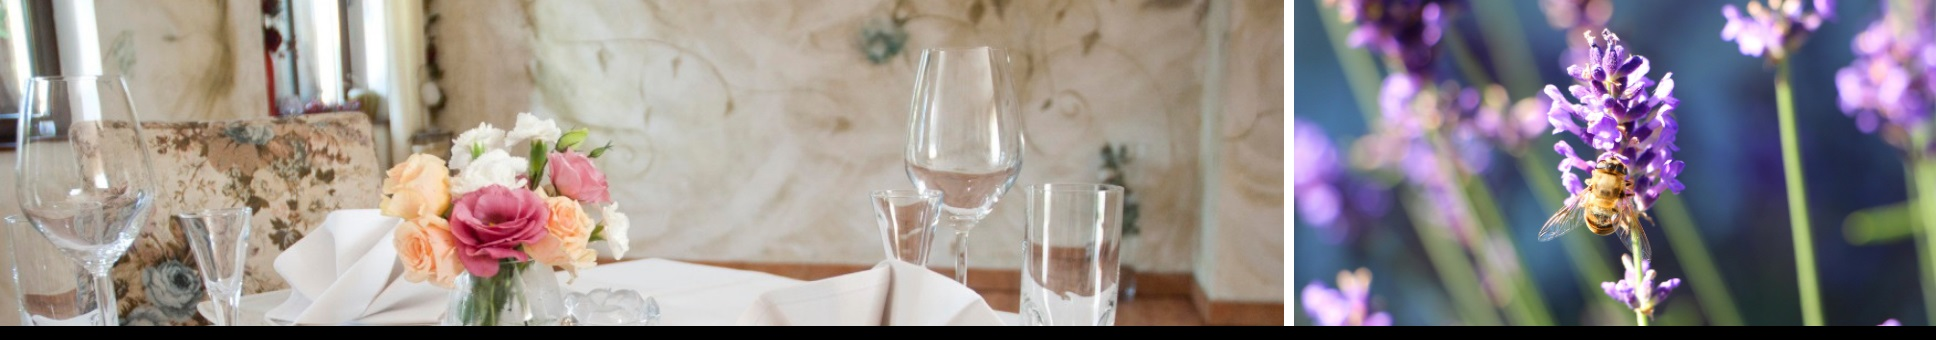 Restauracja Lawendowy Ogród - Świerklaniec - Wesela-Catering-Imprezy rodzinne